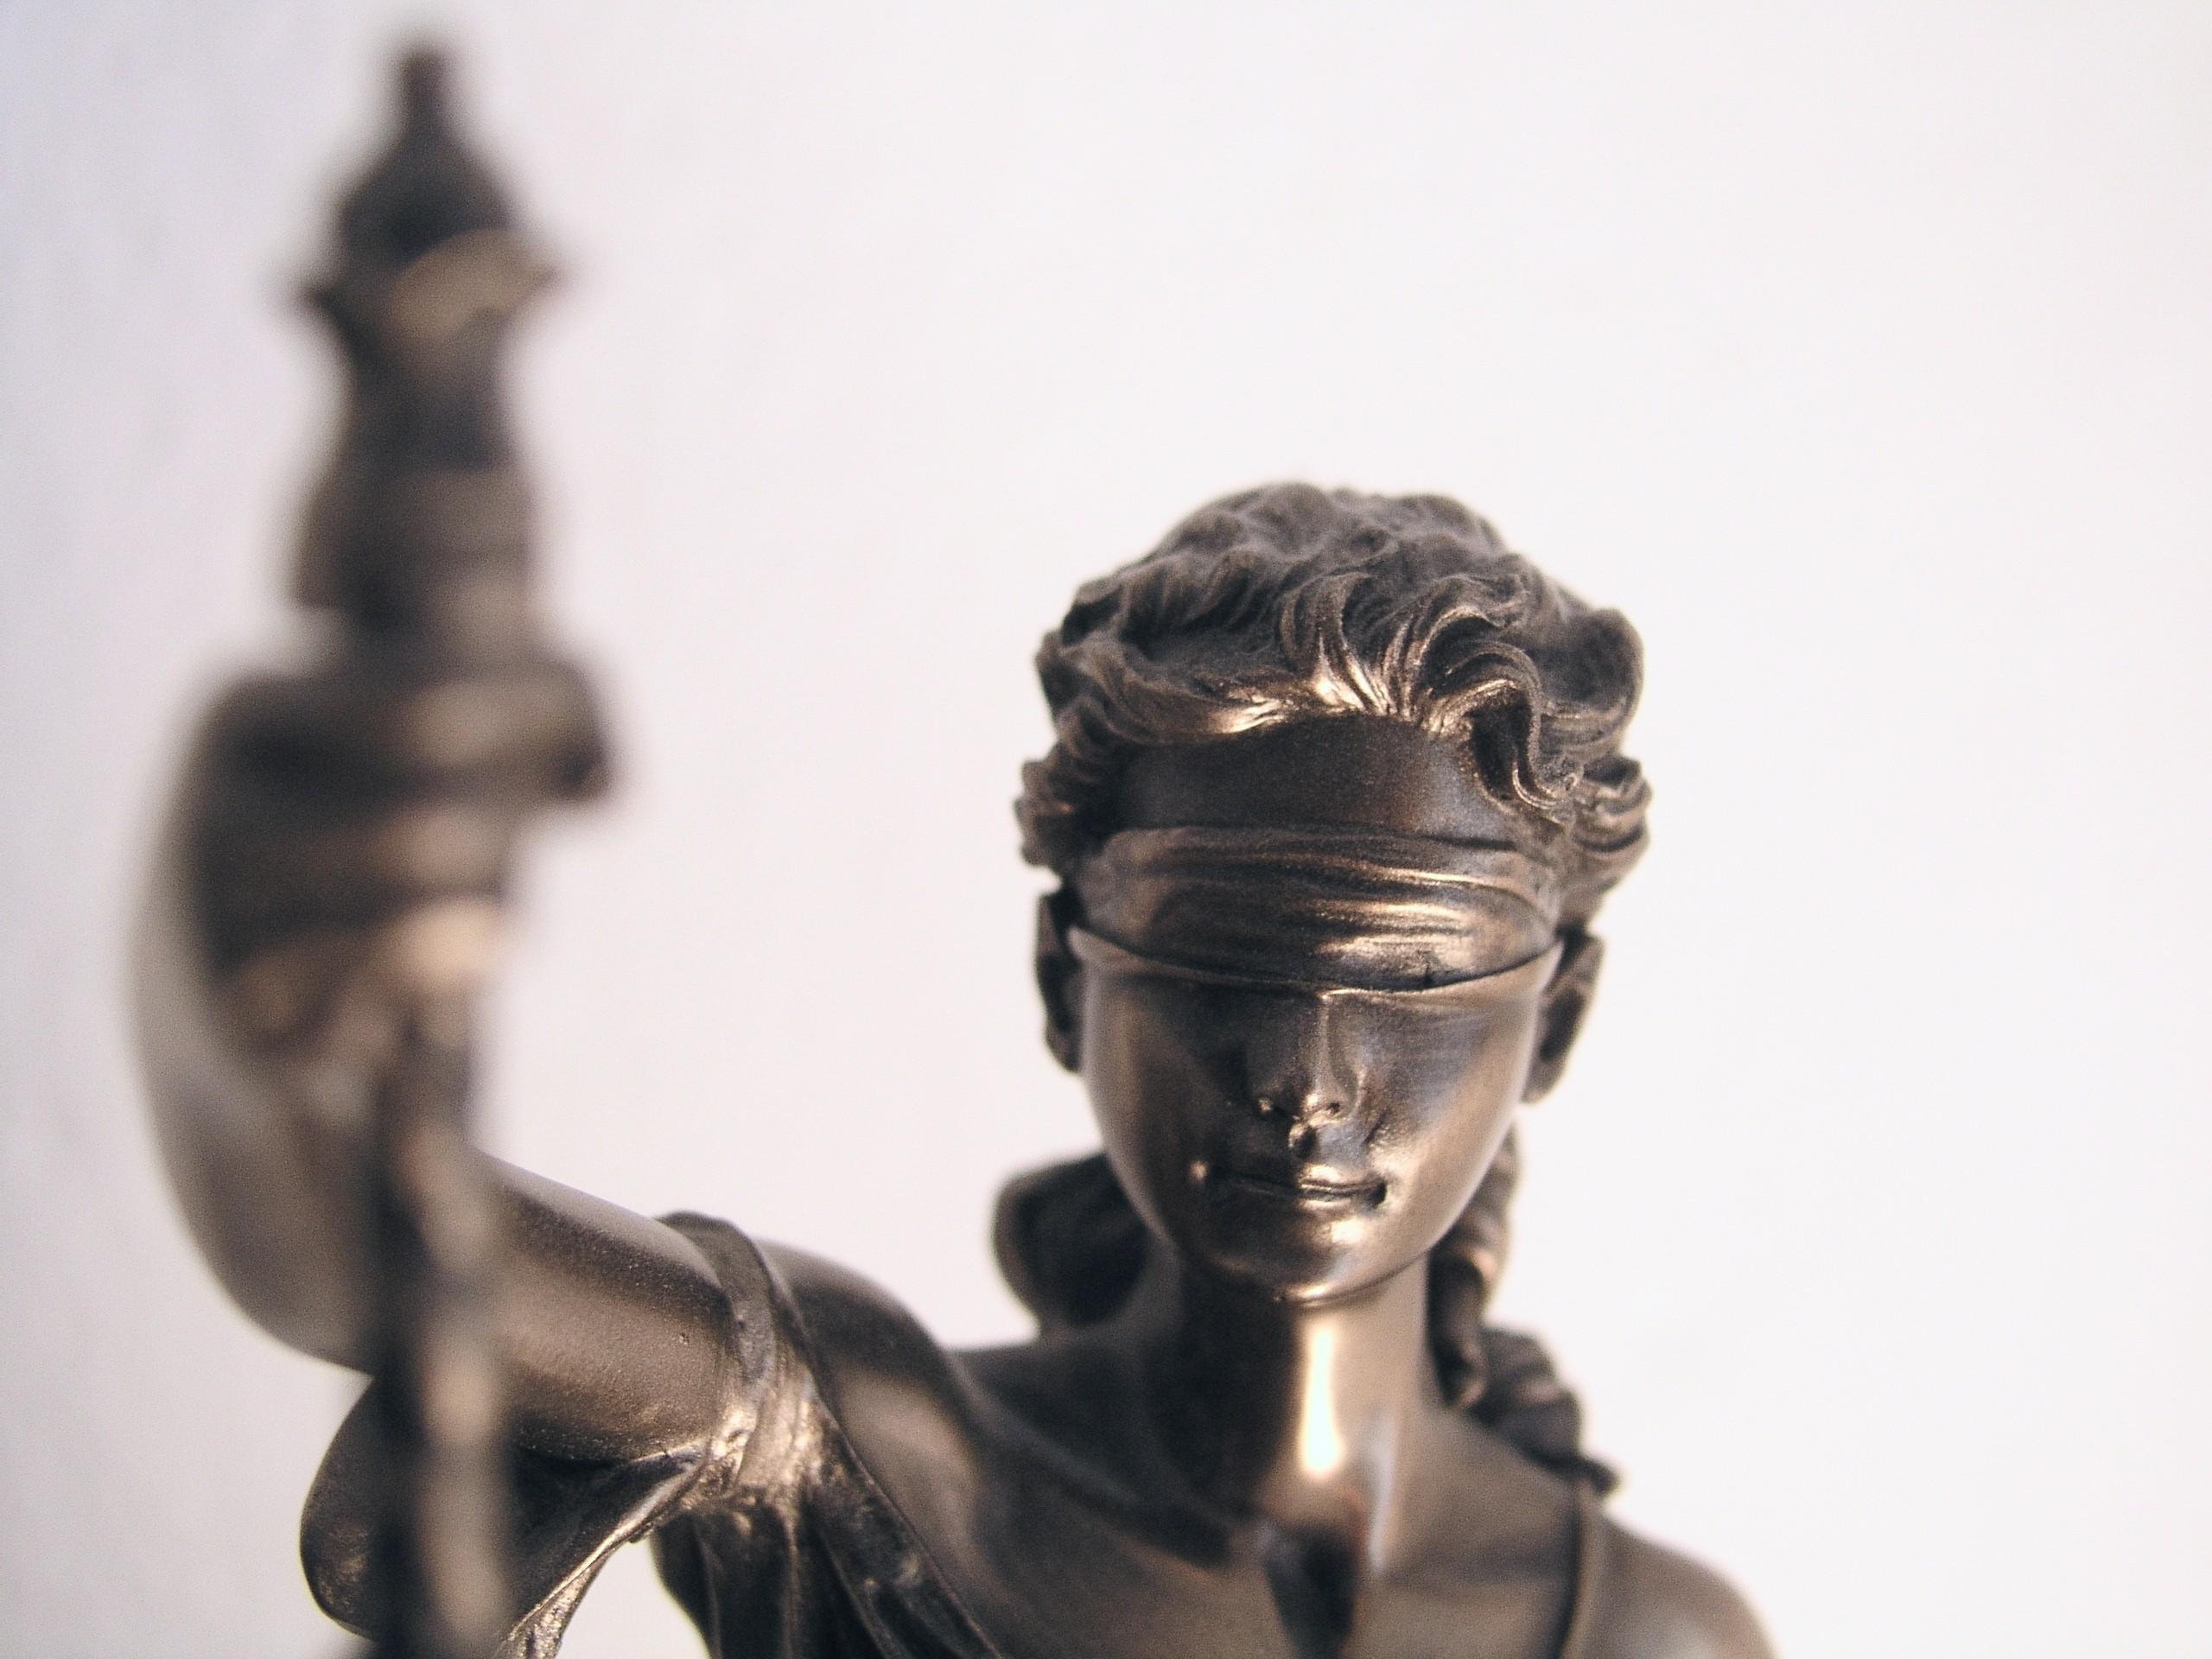 Das Foto zeigt das Sinnbild von Recht und Gerechtigkeit, die Justitia. Zu sehen ist deren Kopf mit verbundenen Augen sowie im Vordergrund etwas unscharf die Hand, mit der Sie die Waage hält.